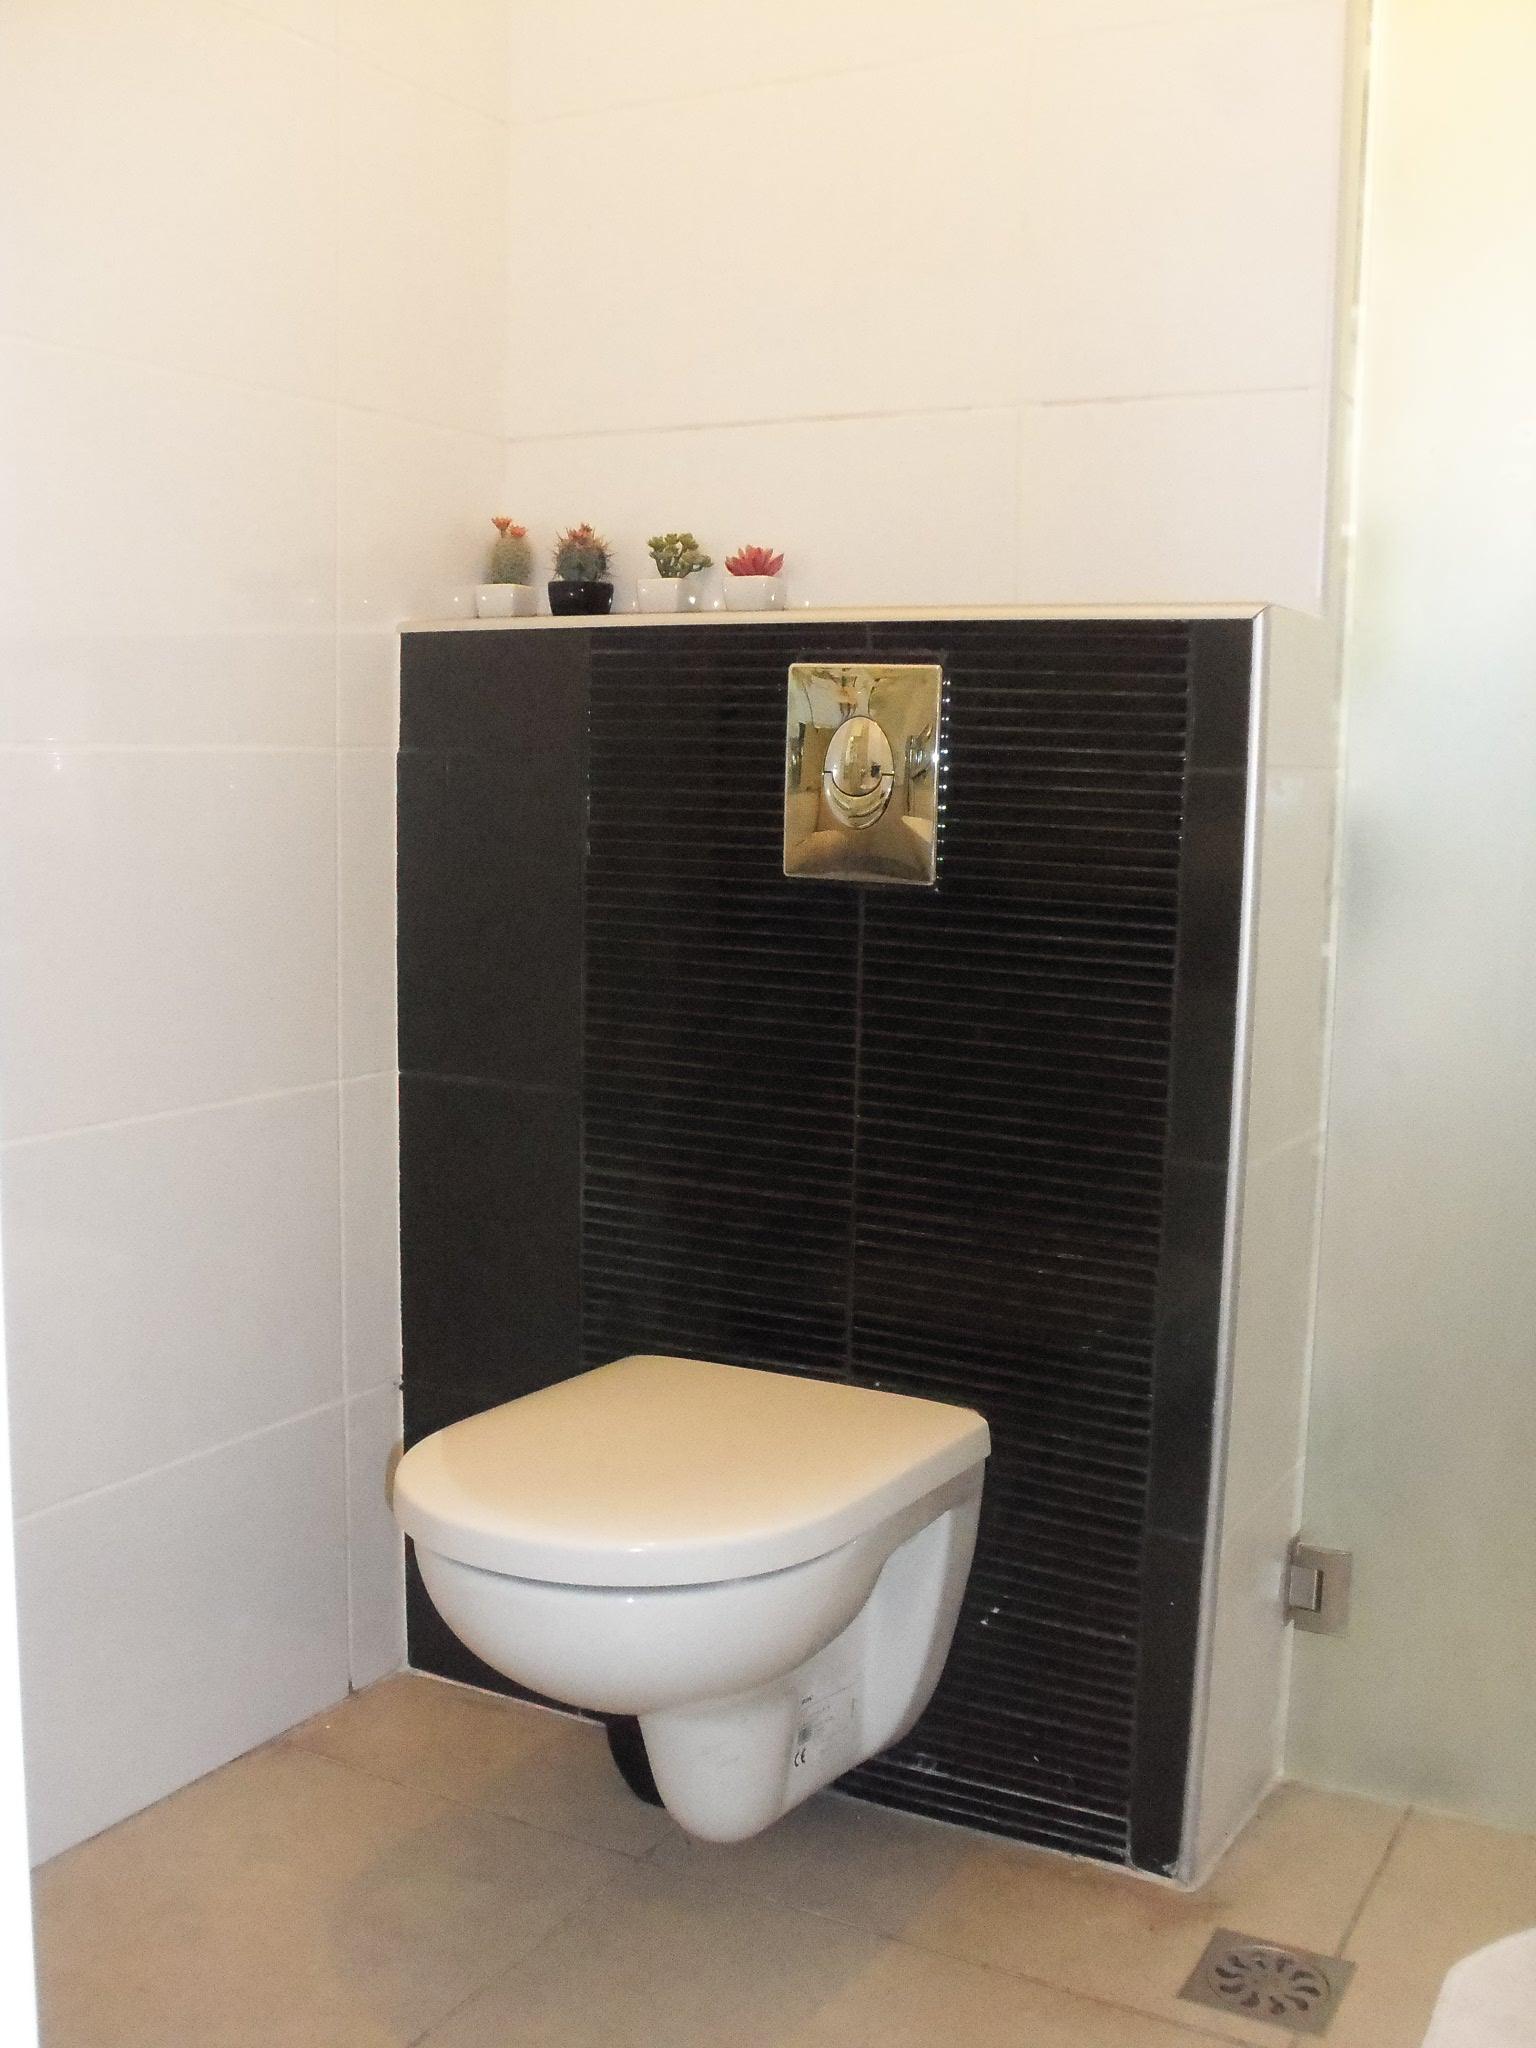 ריצוף חדרי אמבט ושירותים